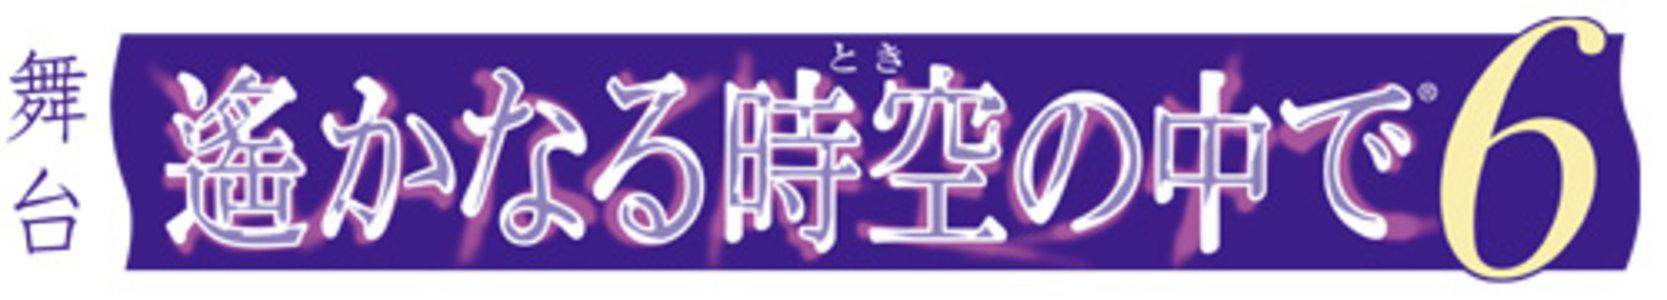 舞台「遙かなる時空の中で6」12/01夜公演